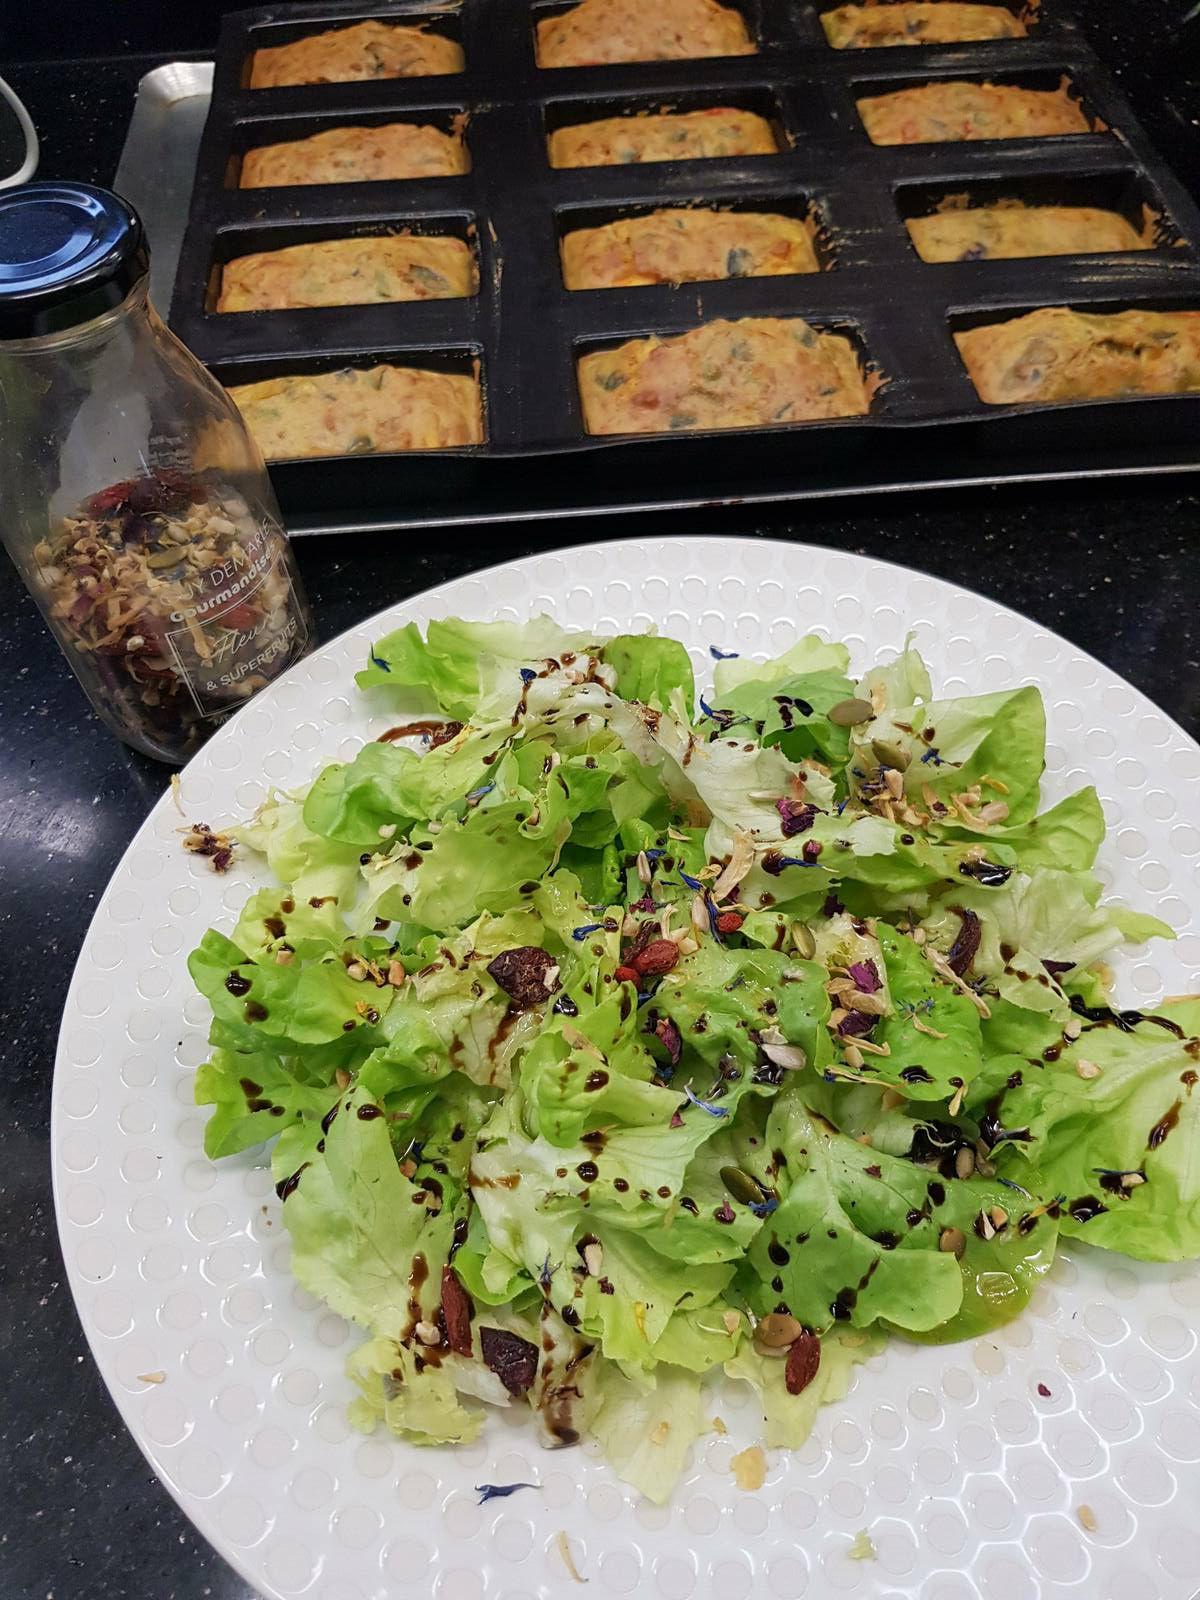 J'aime beaucoup saupoudrez mes salades de graines.  Je vous recommande ce super mélange gourmand